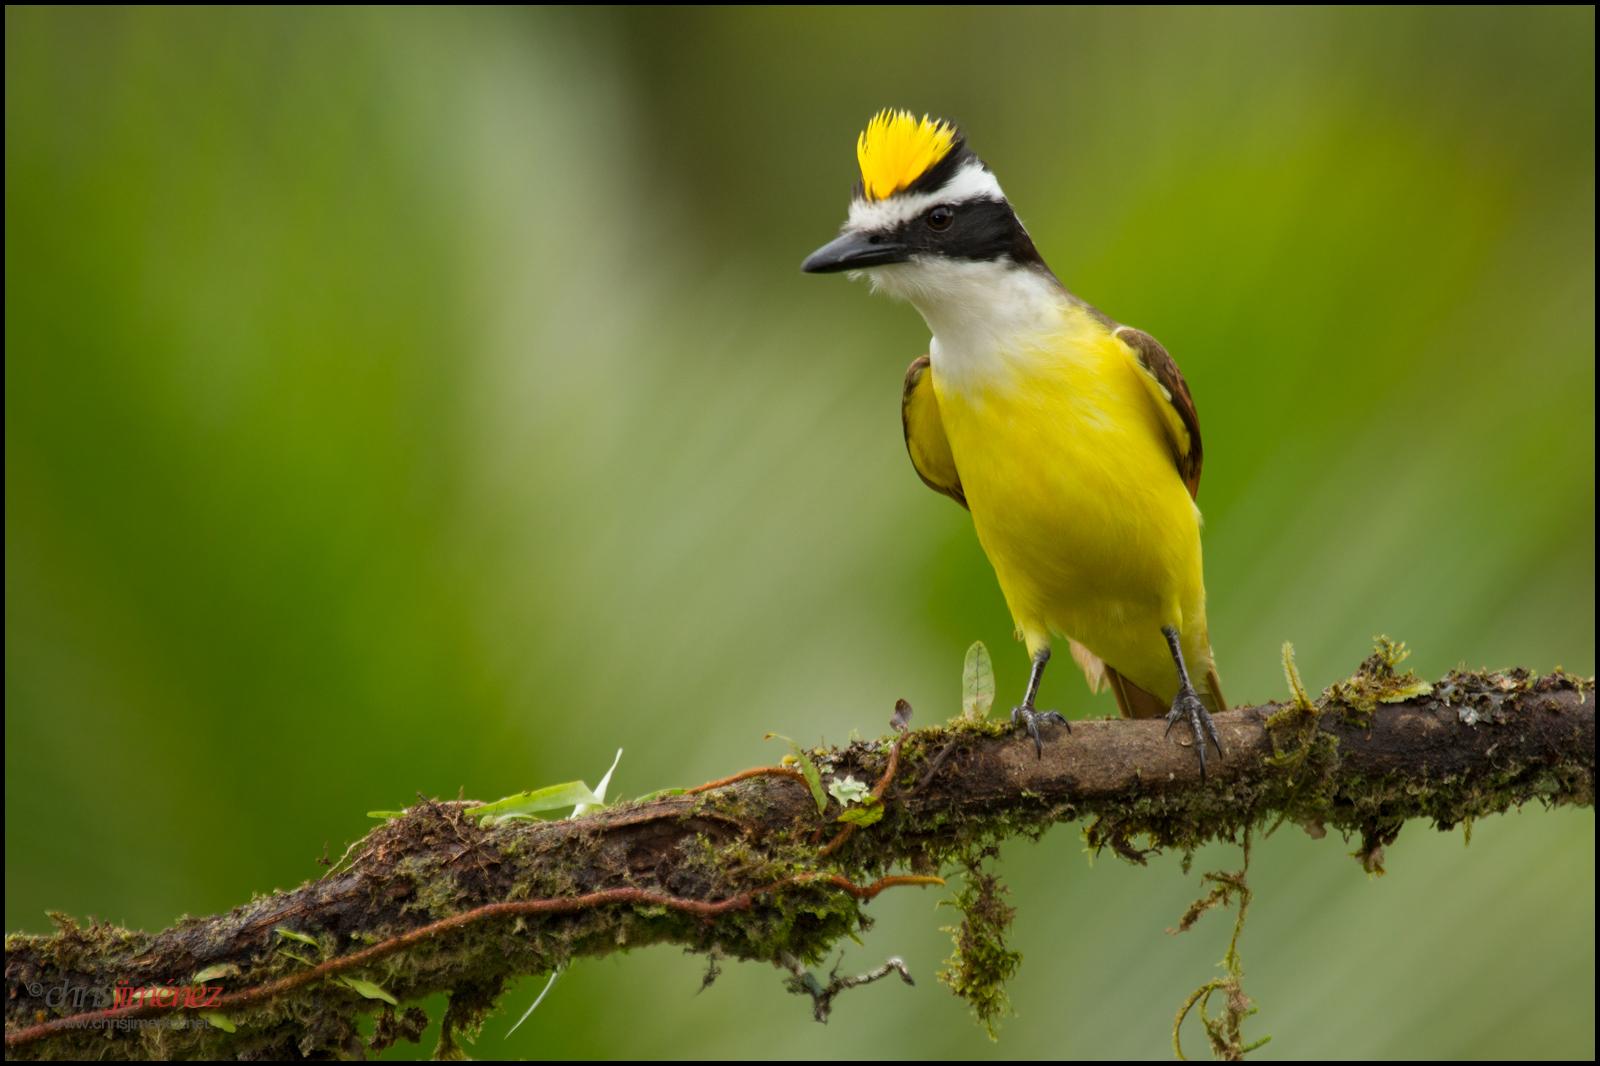 hintergrundbilder natur v gel gelb costa rica ast anzeigen tierwelt vogelbeobachtung. Black Bedroom Furniture Sets. Home Design Ideas